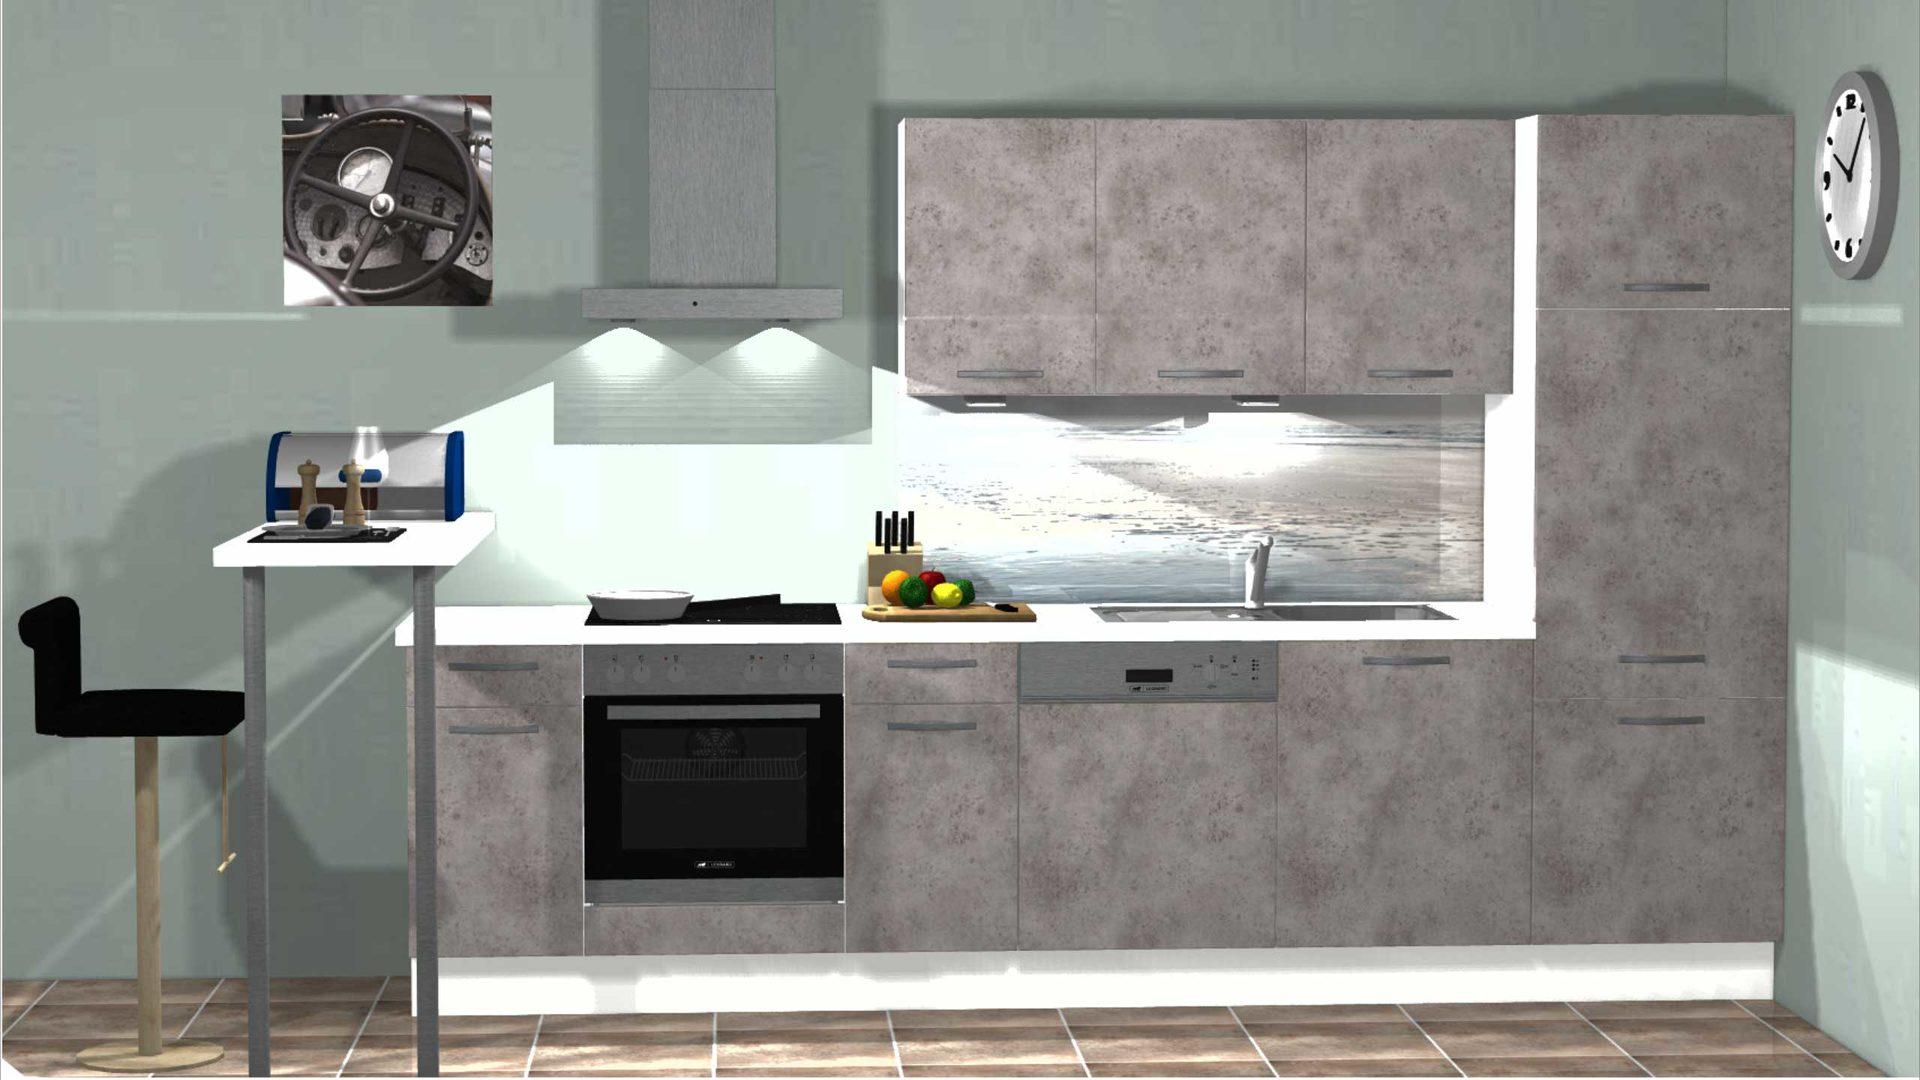 Qualitativ Hochwertige Nobilia Einstiegs Küche Zb Für Vermieter Junge Leute Etc Keramikgraue Nobilia Einbauküche Speed I